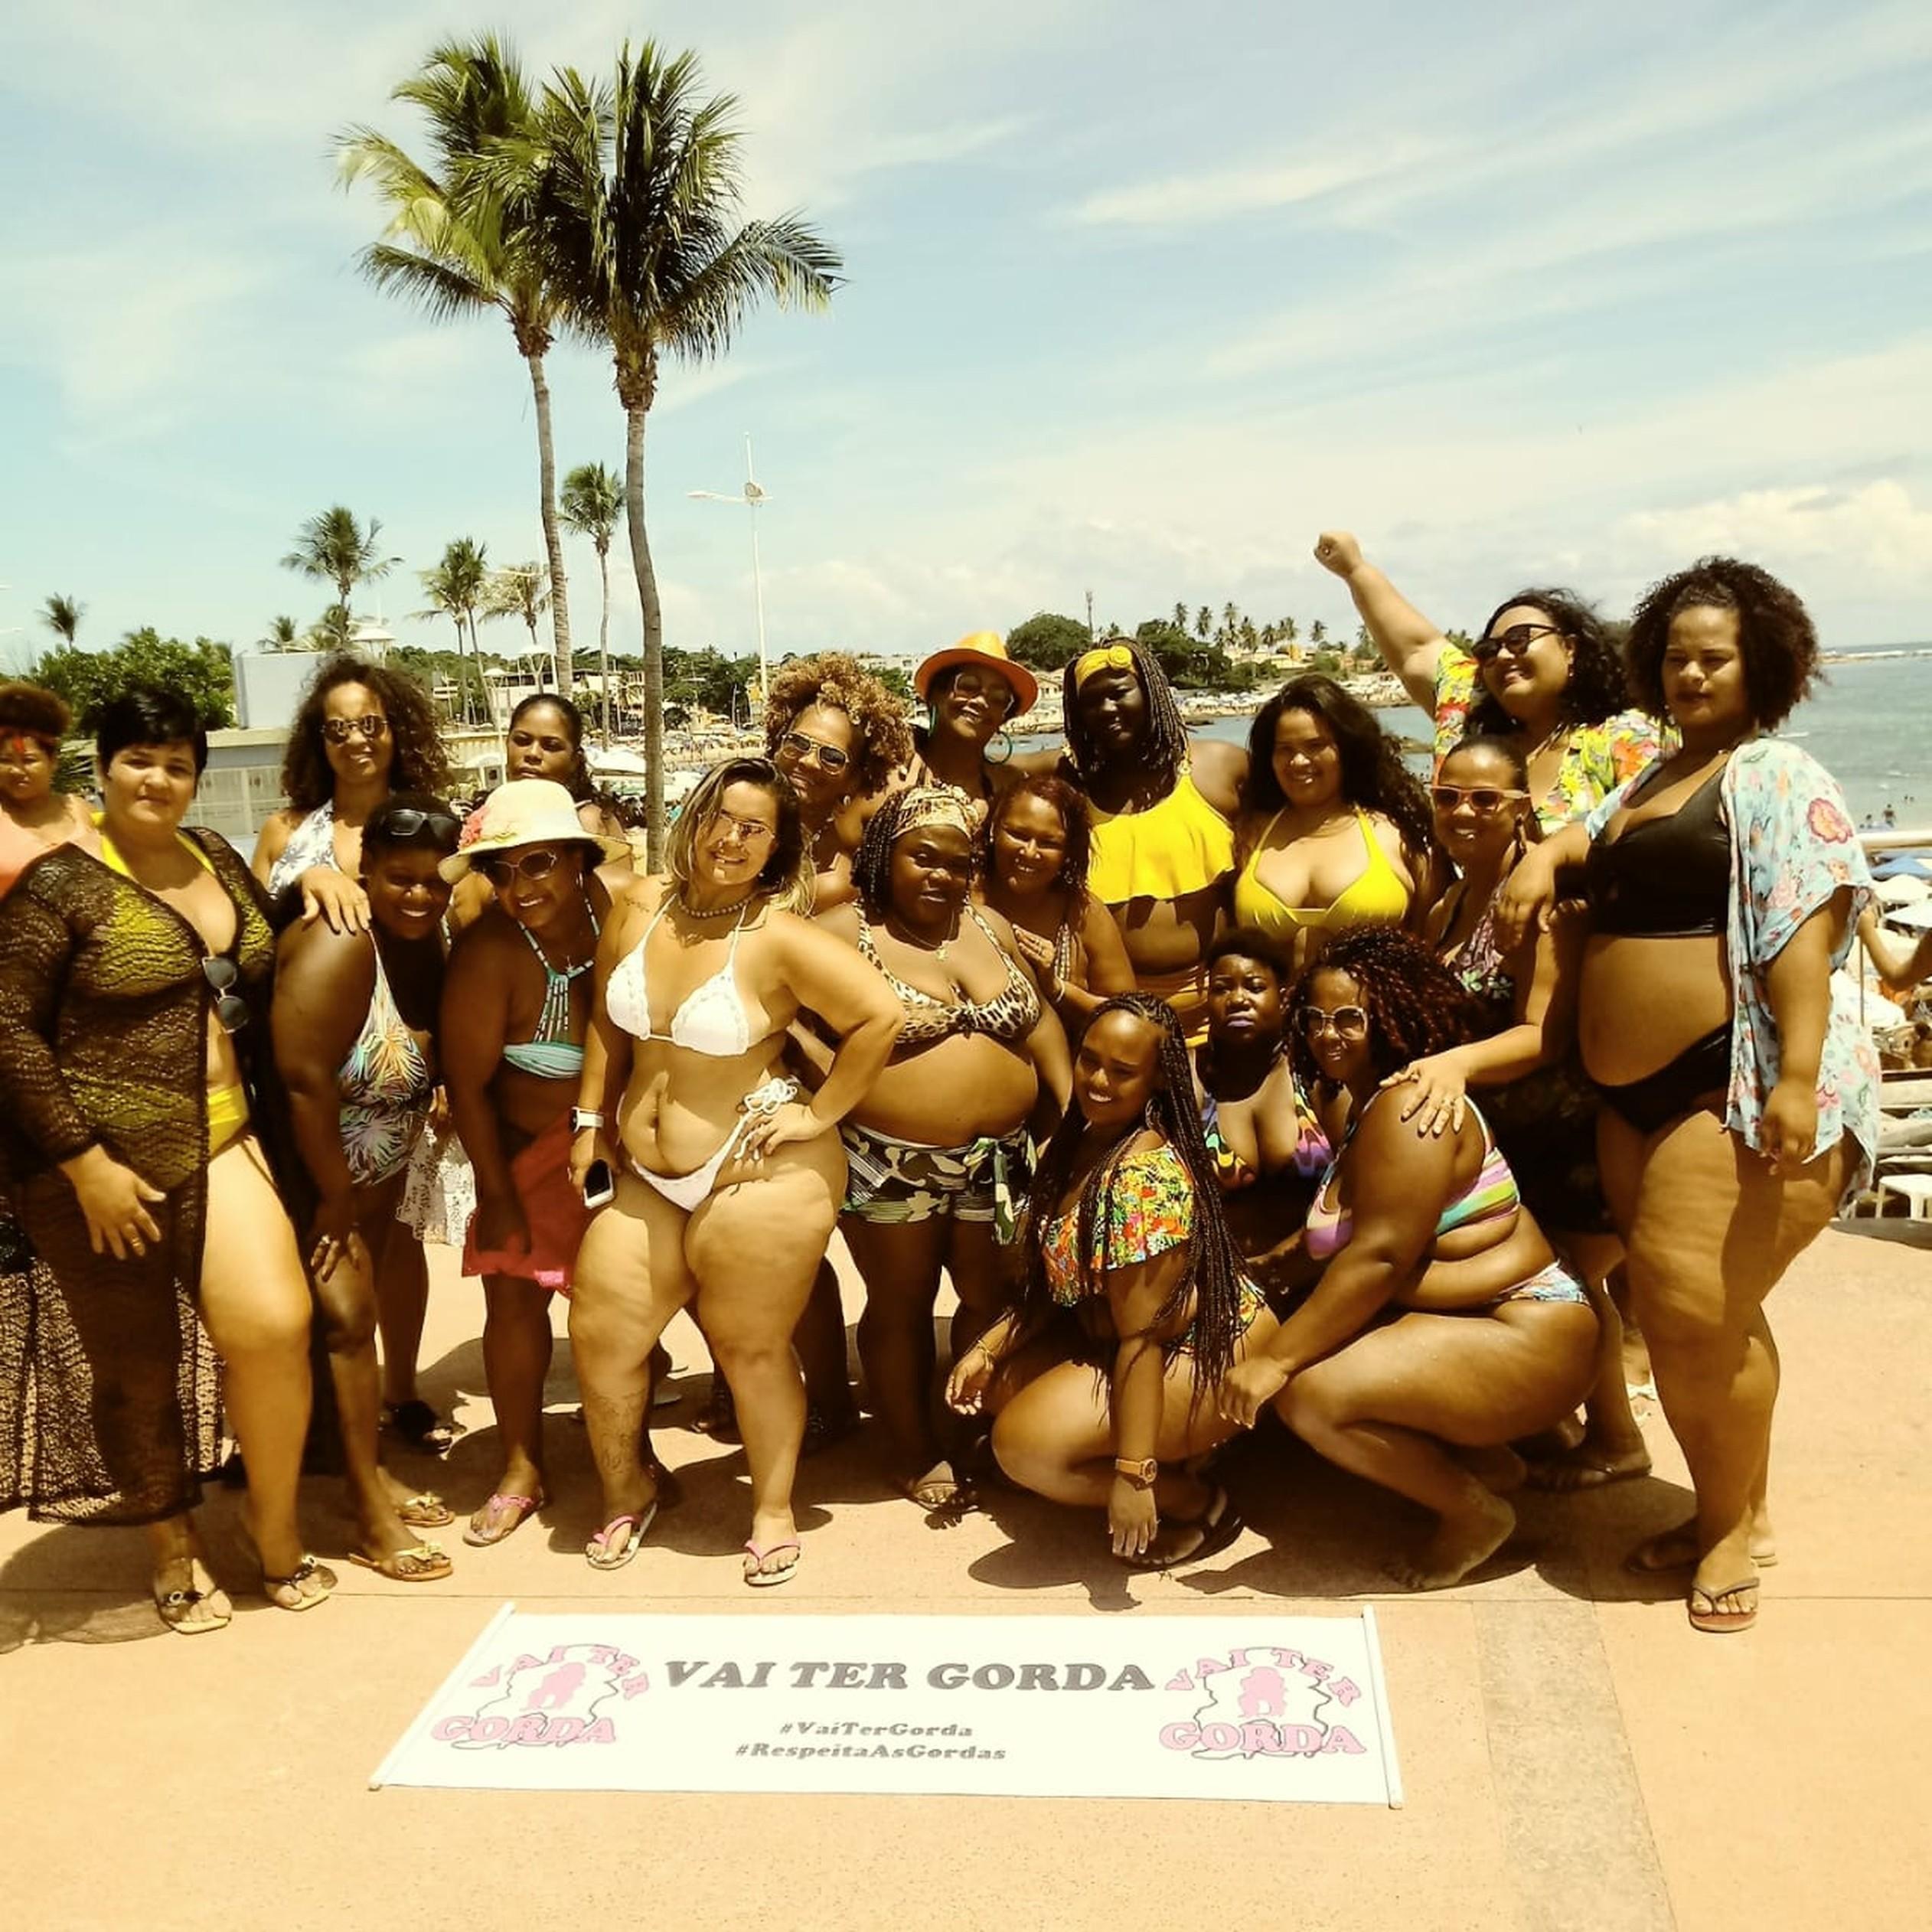 """Contra preconceito, mulheres fazem ato """"Vai Ter Gorda na Praia"""", sim!"""